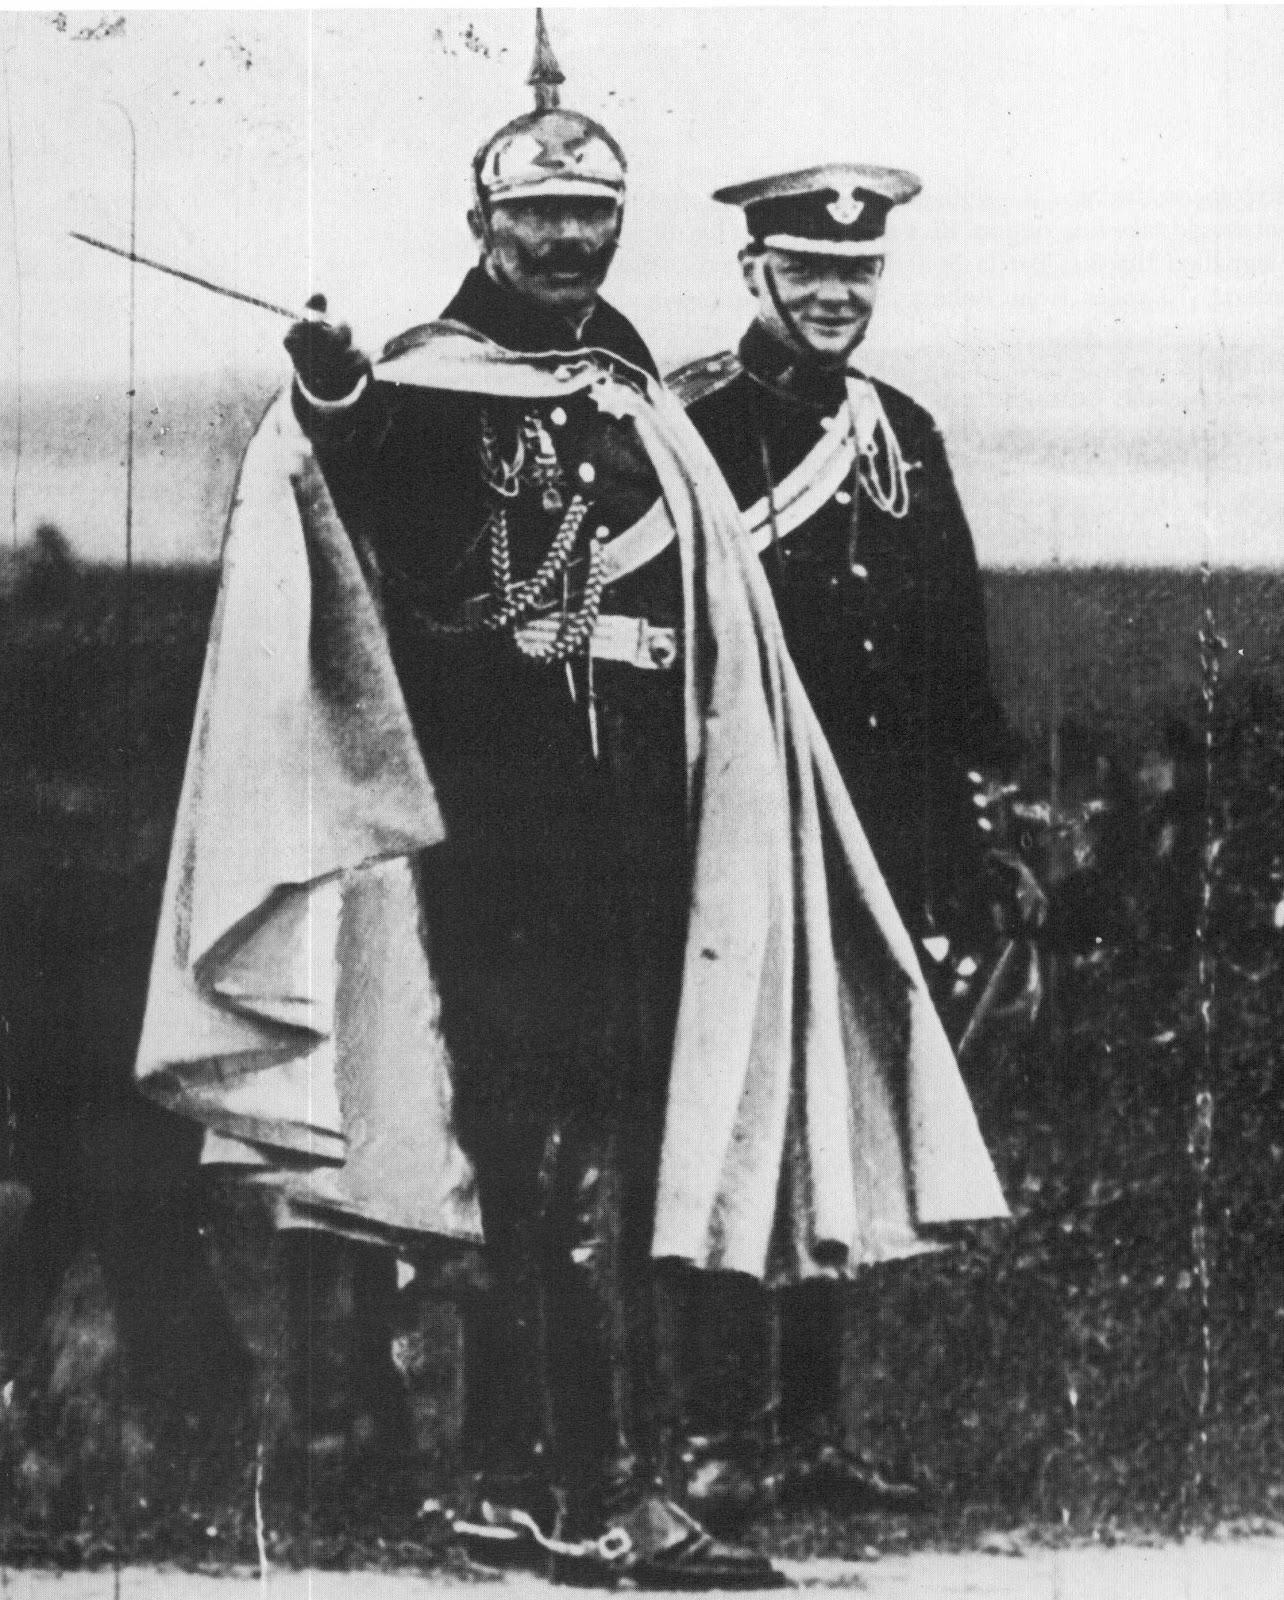 1906. II. Vilmos császár és Winston Churchill közös fotón egy német hadgyakorlaton..jpg